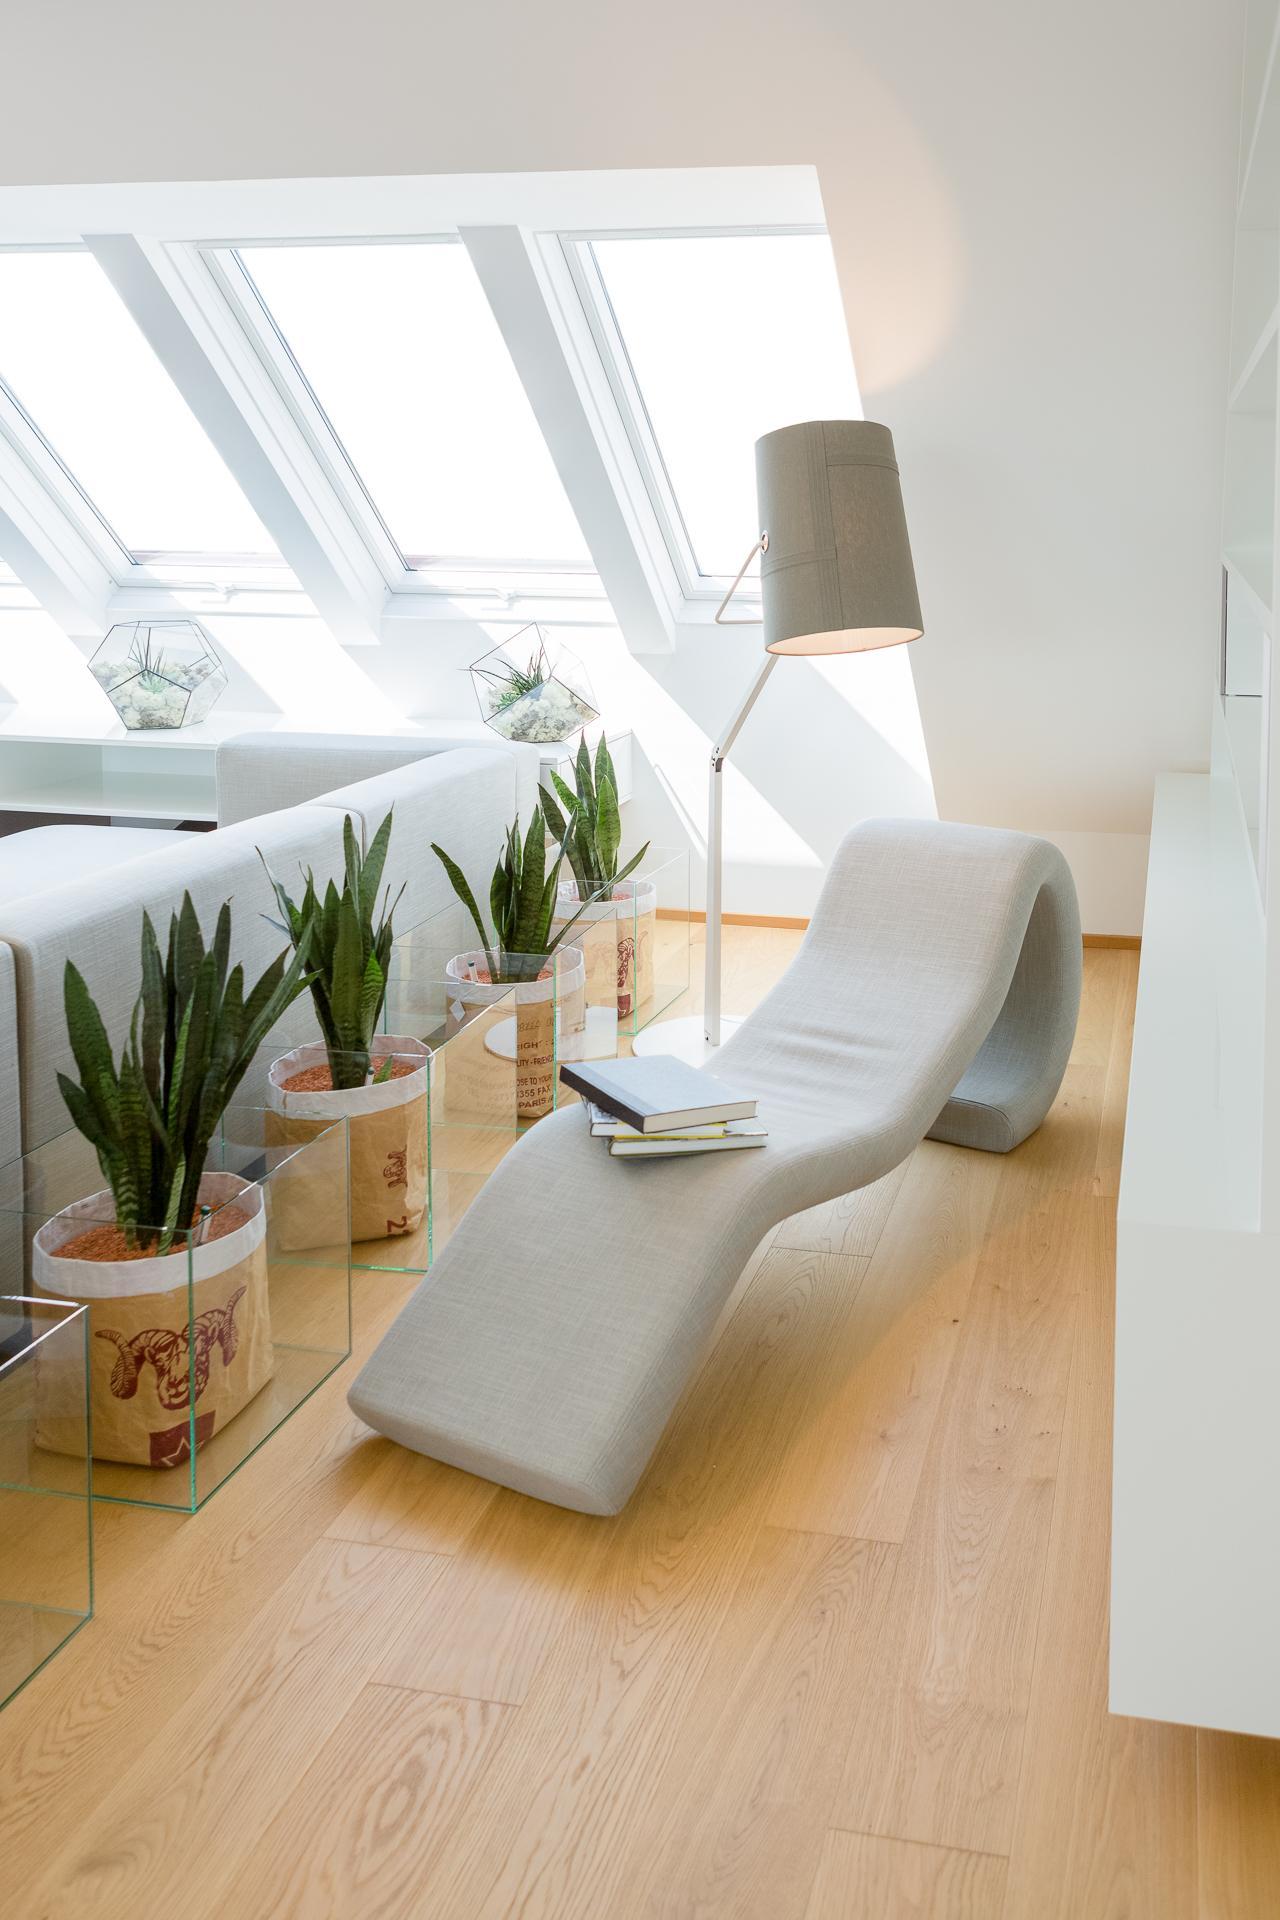 Leseecke Wohnzimmer #dachschräge ©Peter Rauchecker f...